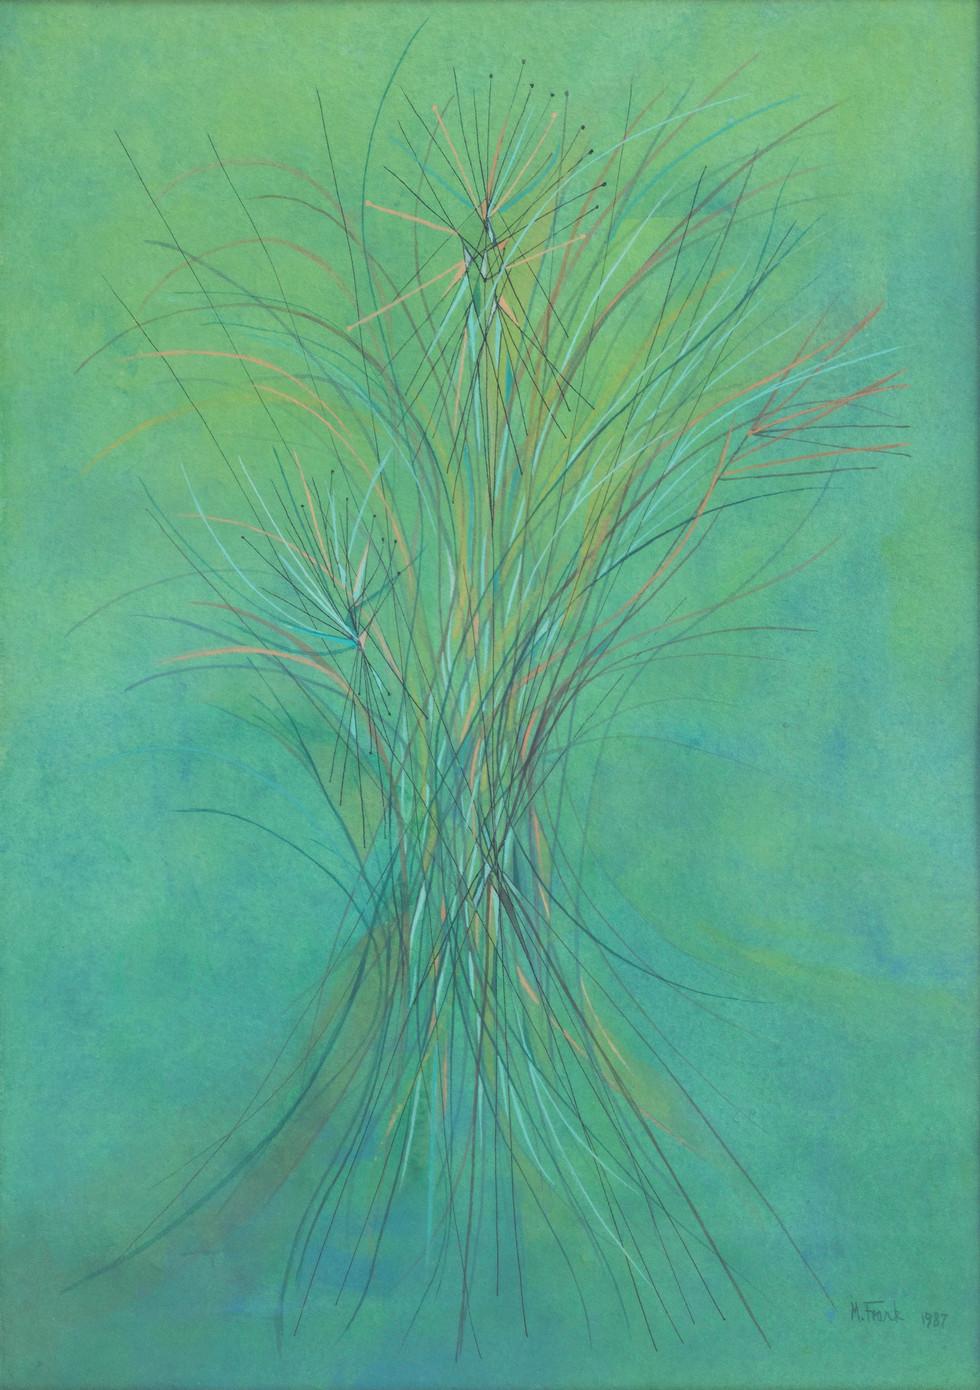 Bouquet (1987)